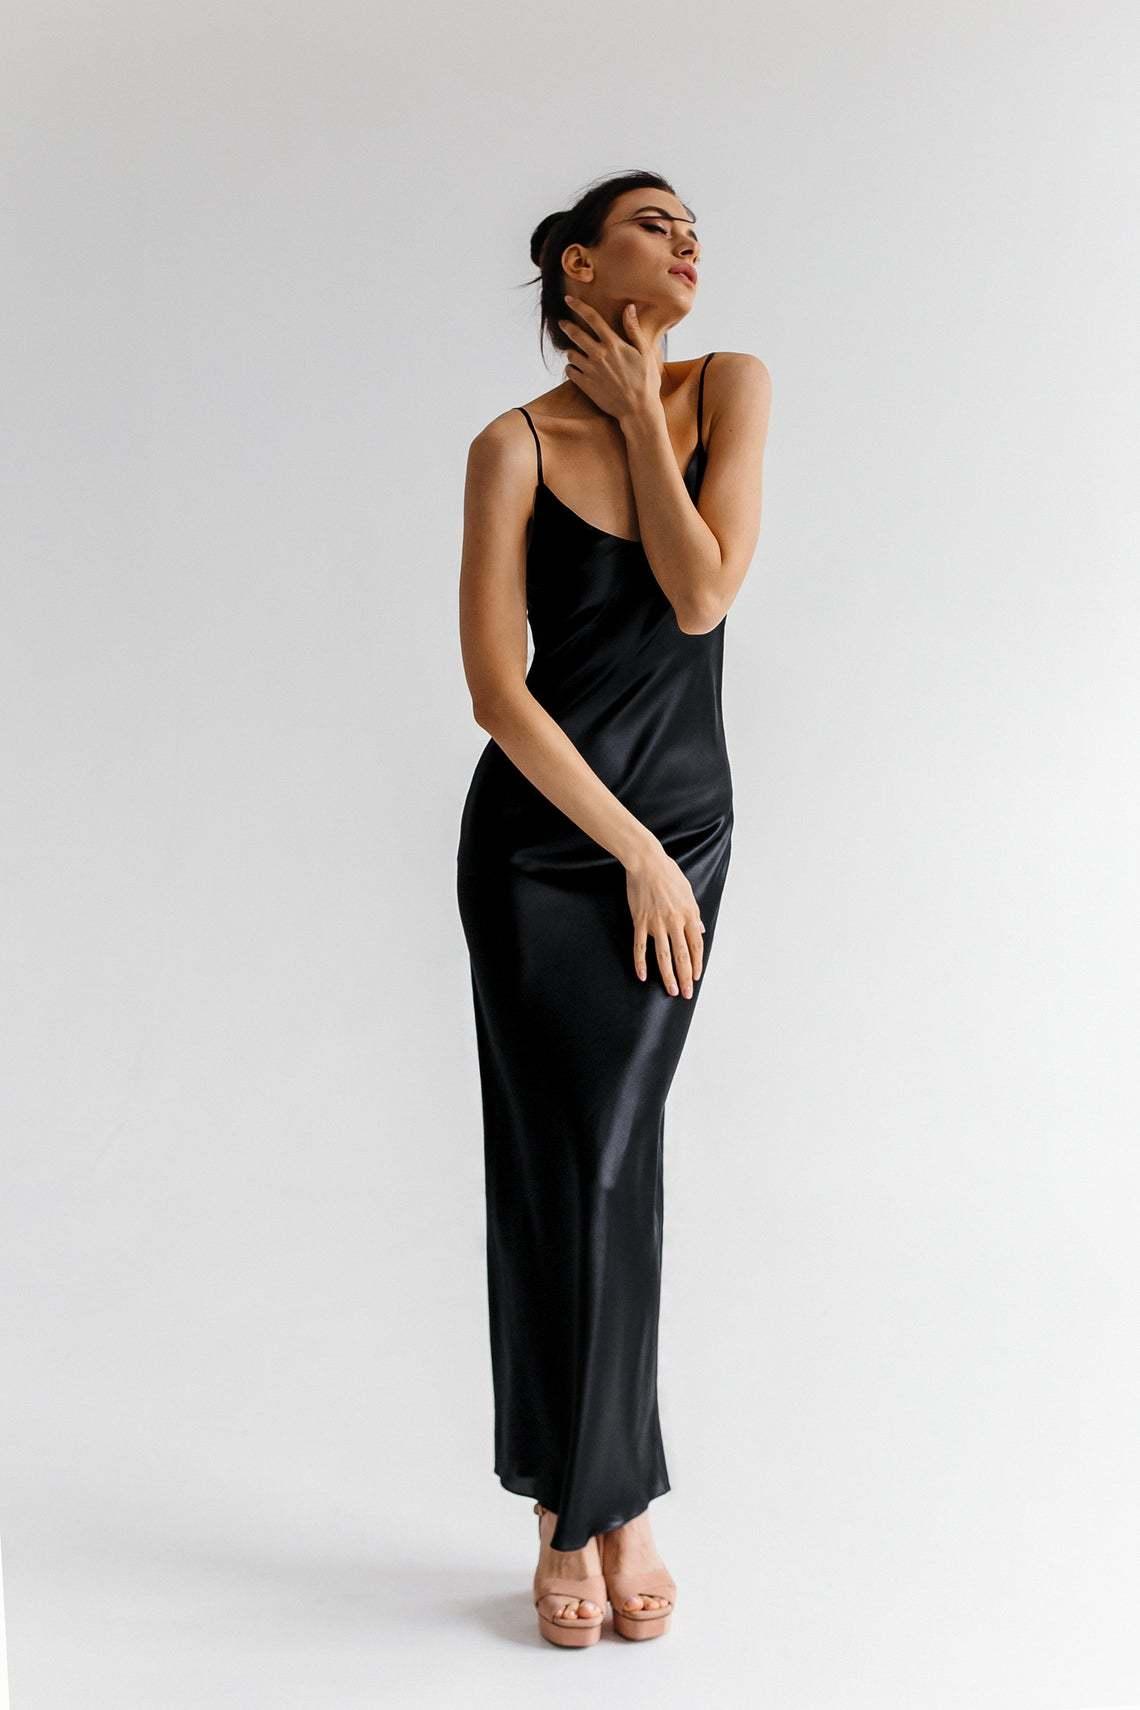 Женская длинная комбинация из натурального шелка.  Цвет черный